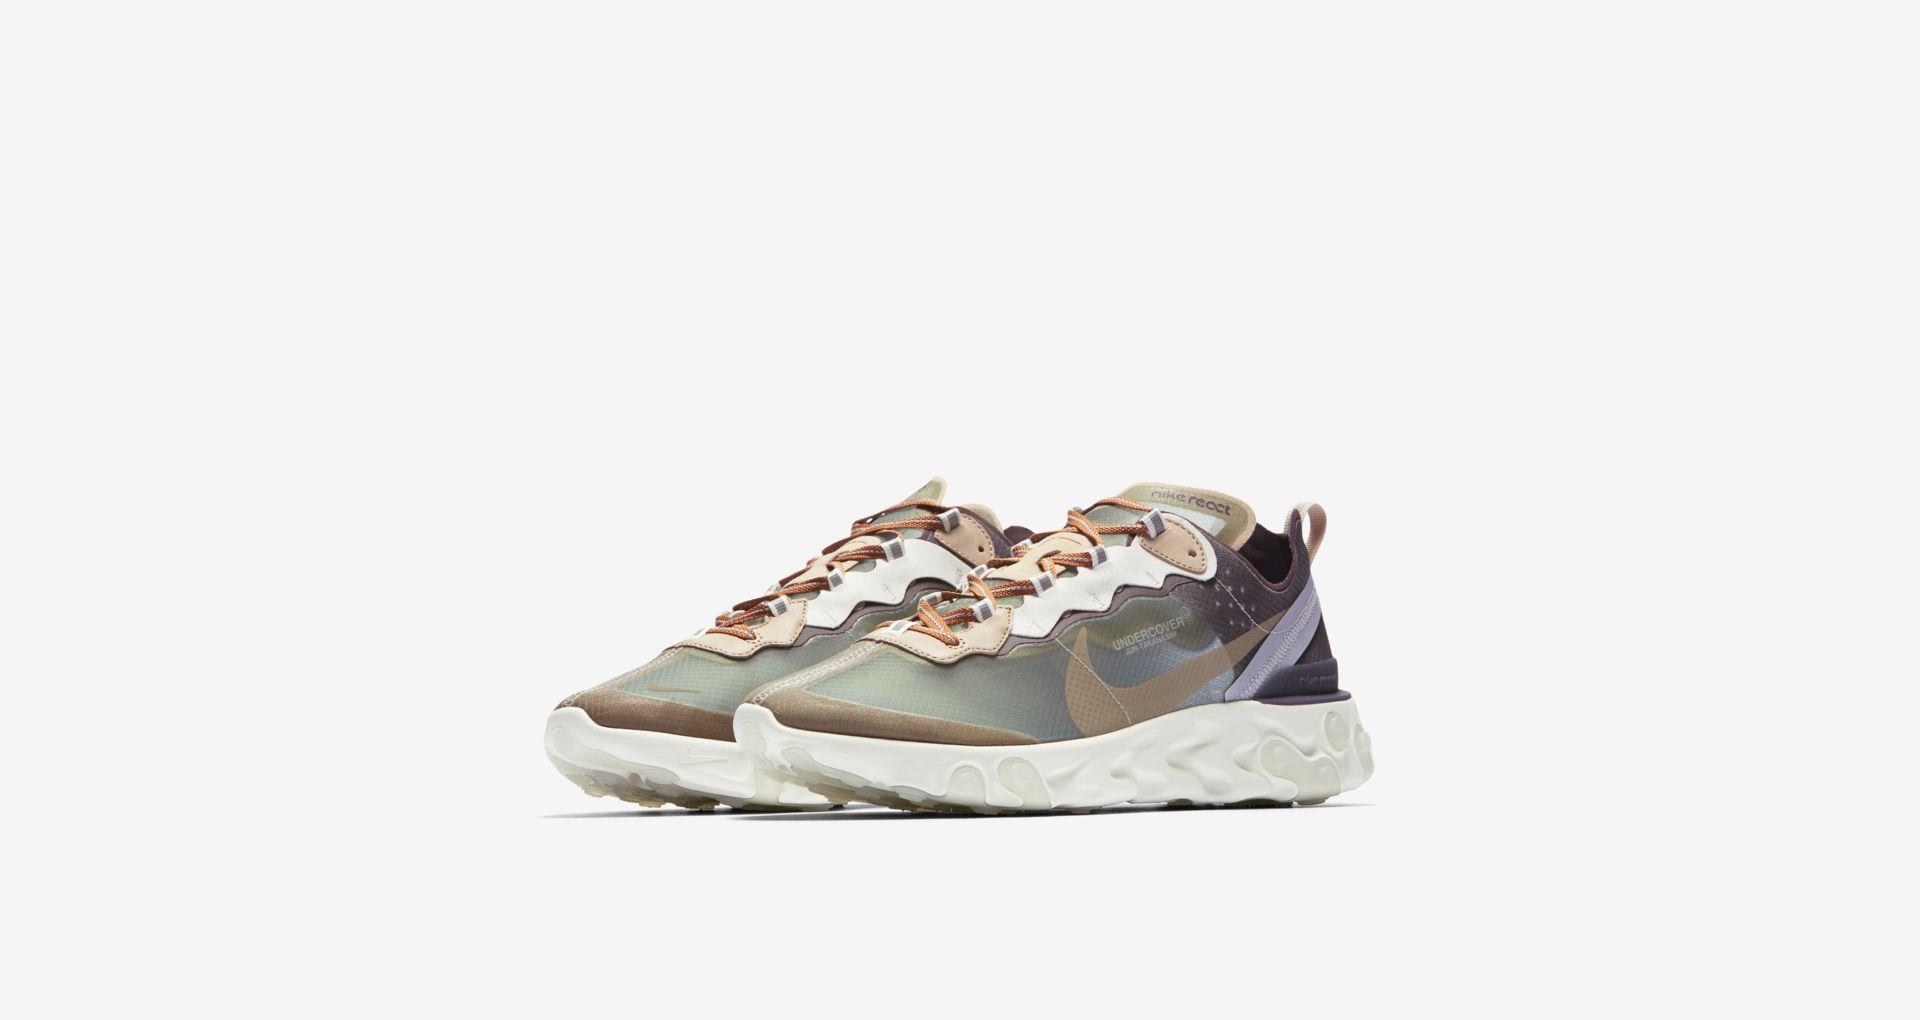 BQ2718 300 Undercover x Nike React Element 87 Green Mist 1